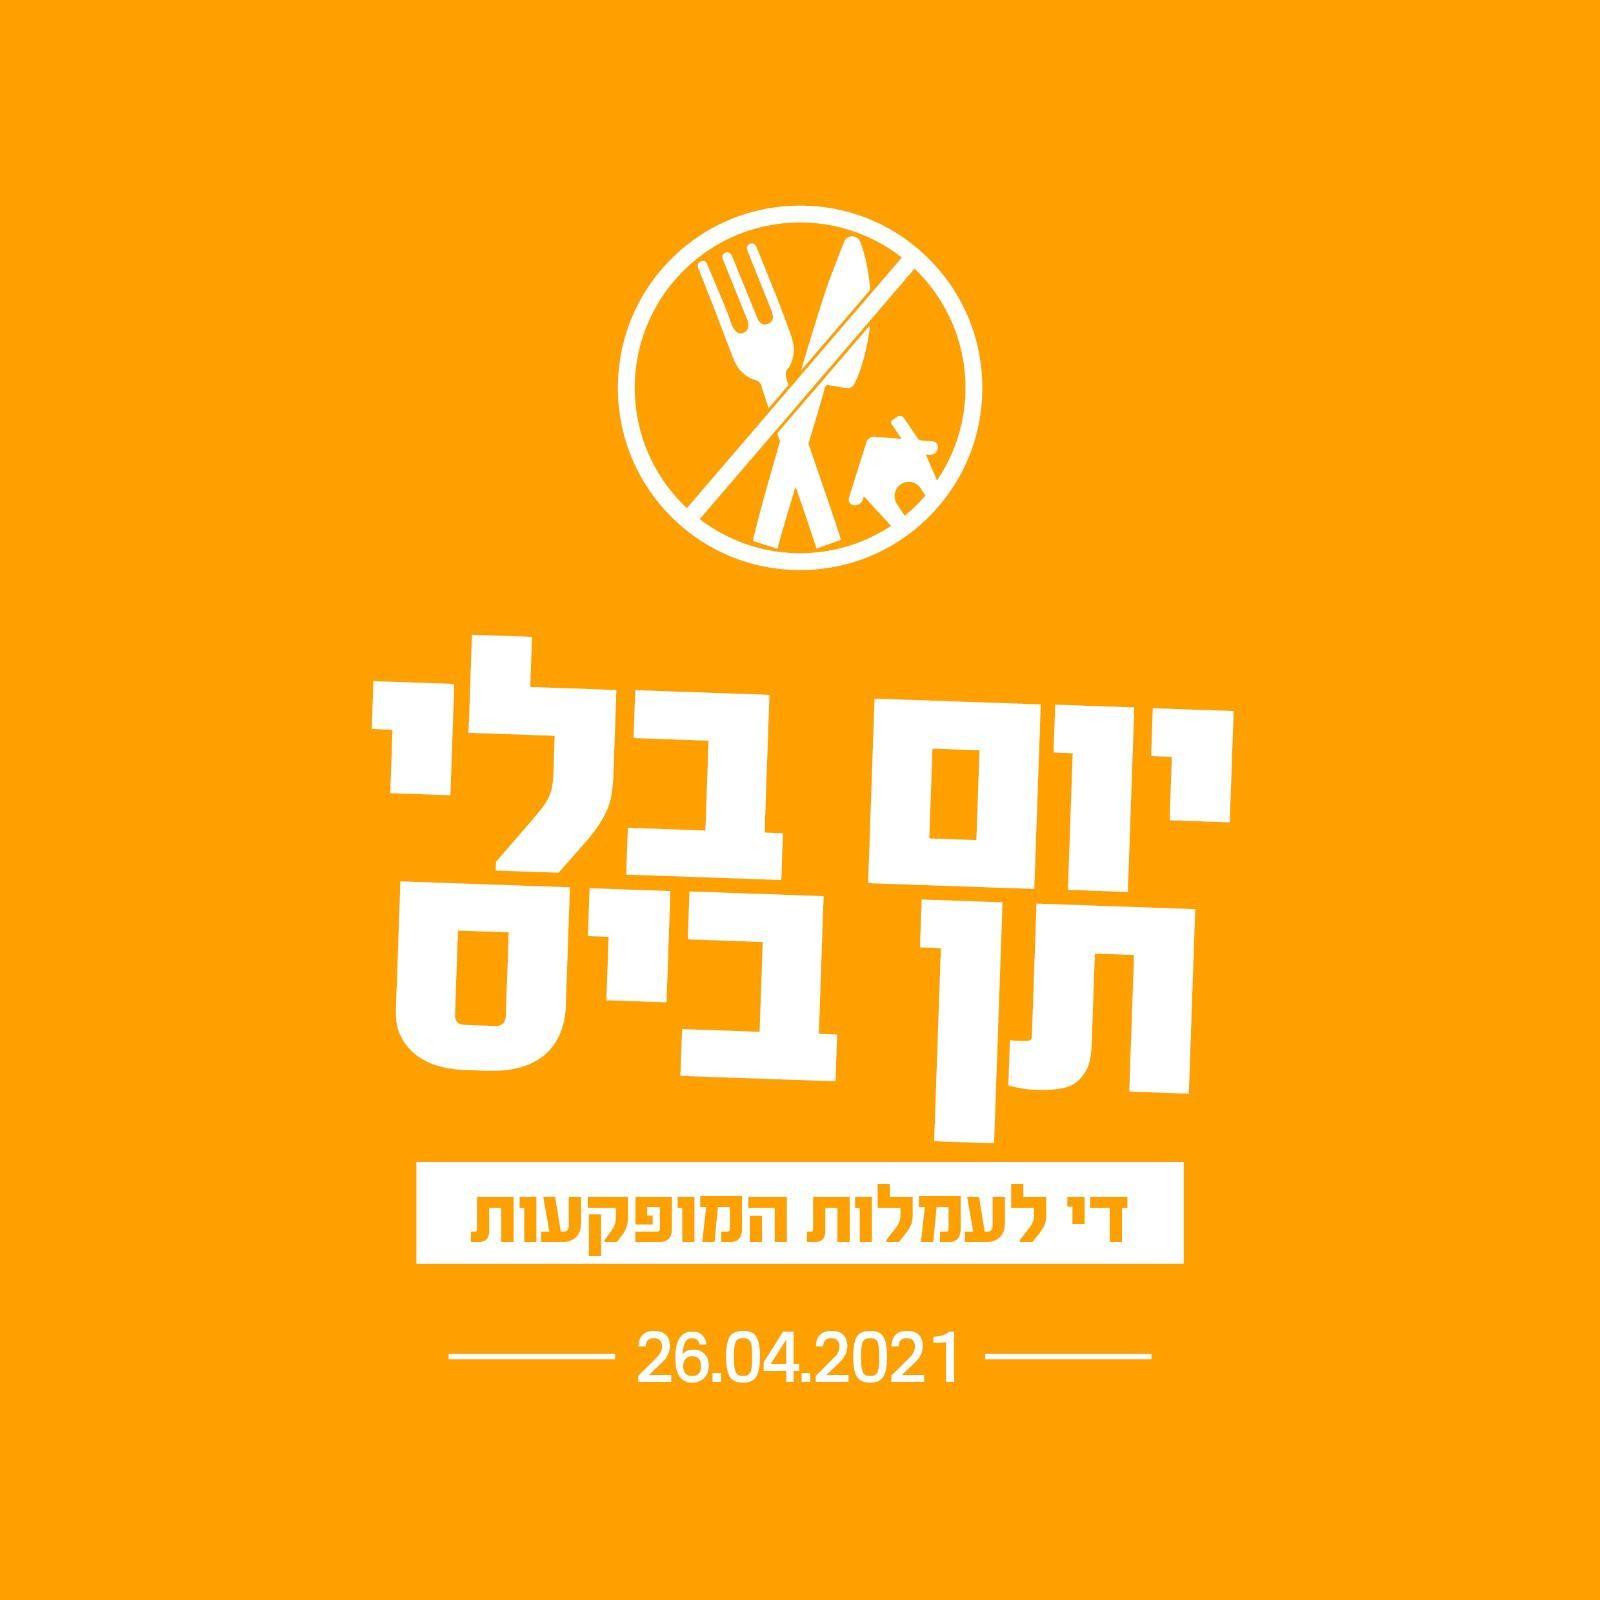 מסעדני באר שבע במחאה נגד תן ביס